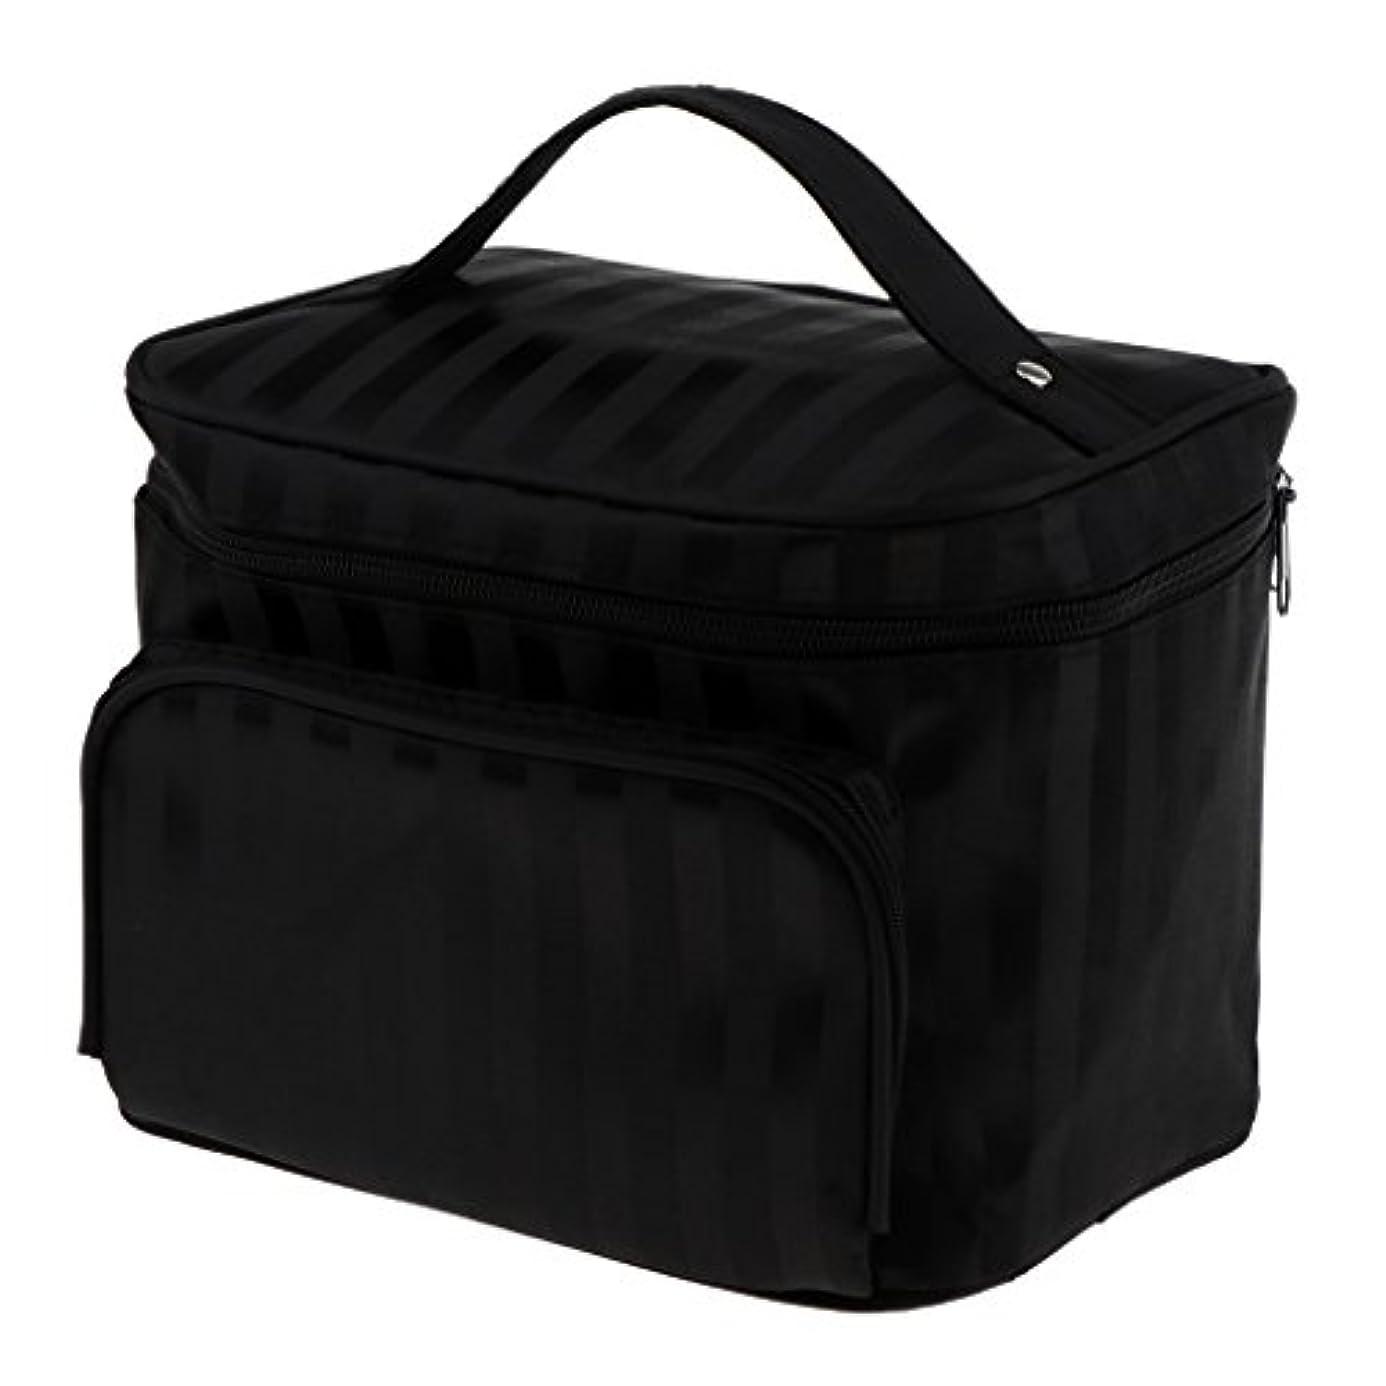 逸脱医薬品許さないPerfk メイクアップバッグ 化粧品バッグ 化粧品 コスメ メイクアップ 収納 防水 耐摩耗 旅行用 バッグ メイクボックス 化粧ポーチ 5色選べる - ブラック